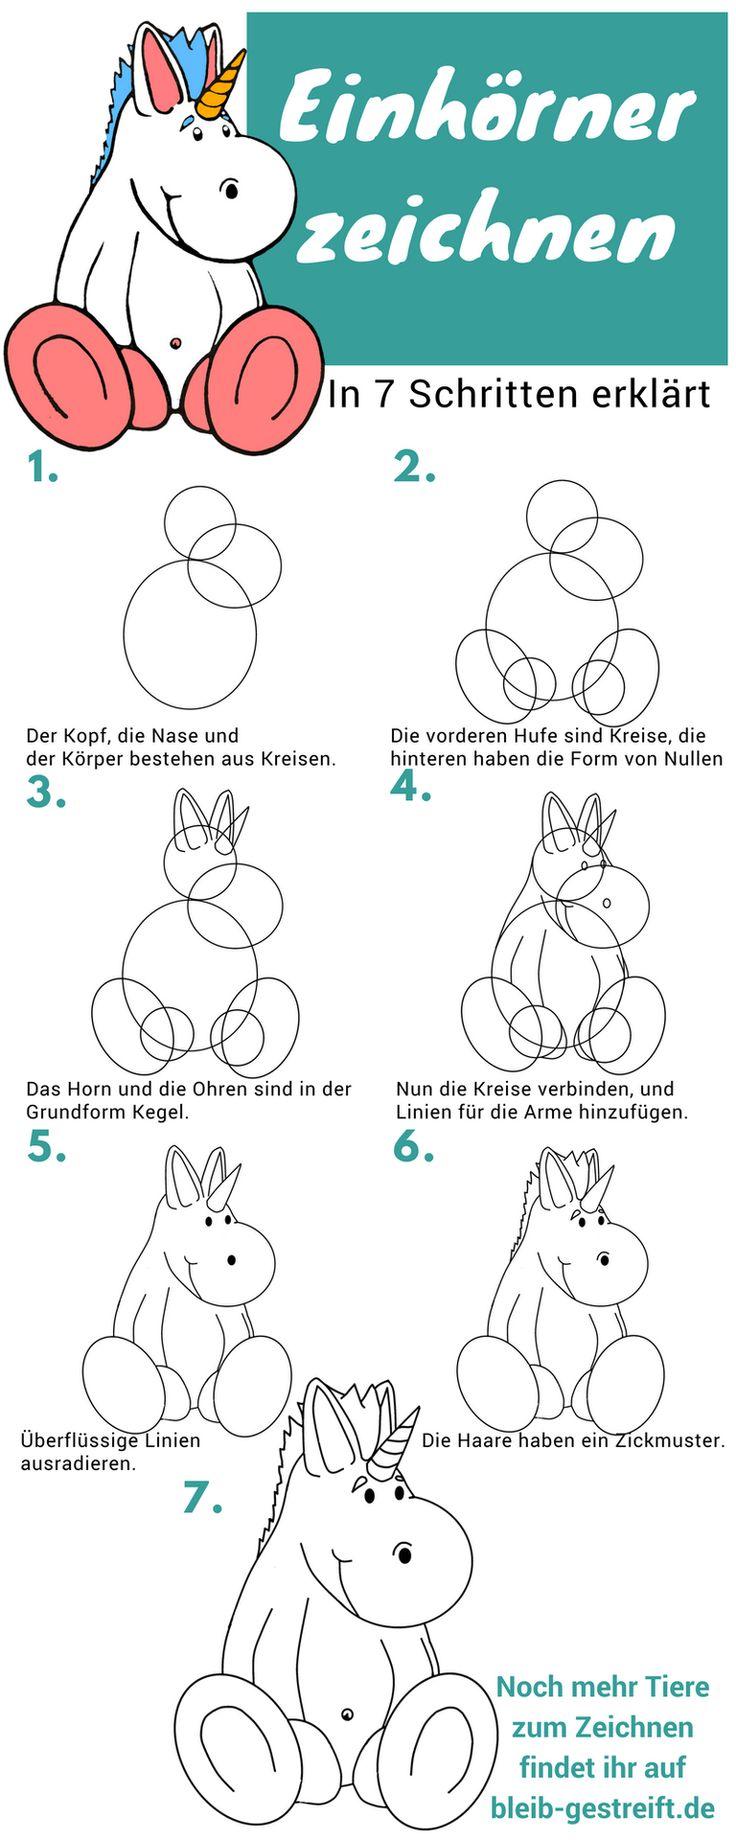 Lerne dein eigenes Einhorn zu zeichnen – in 7 Schritten erklärt